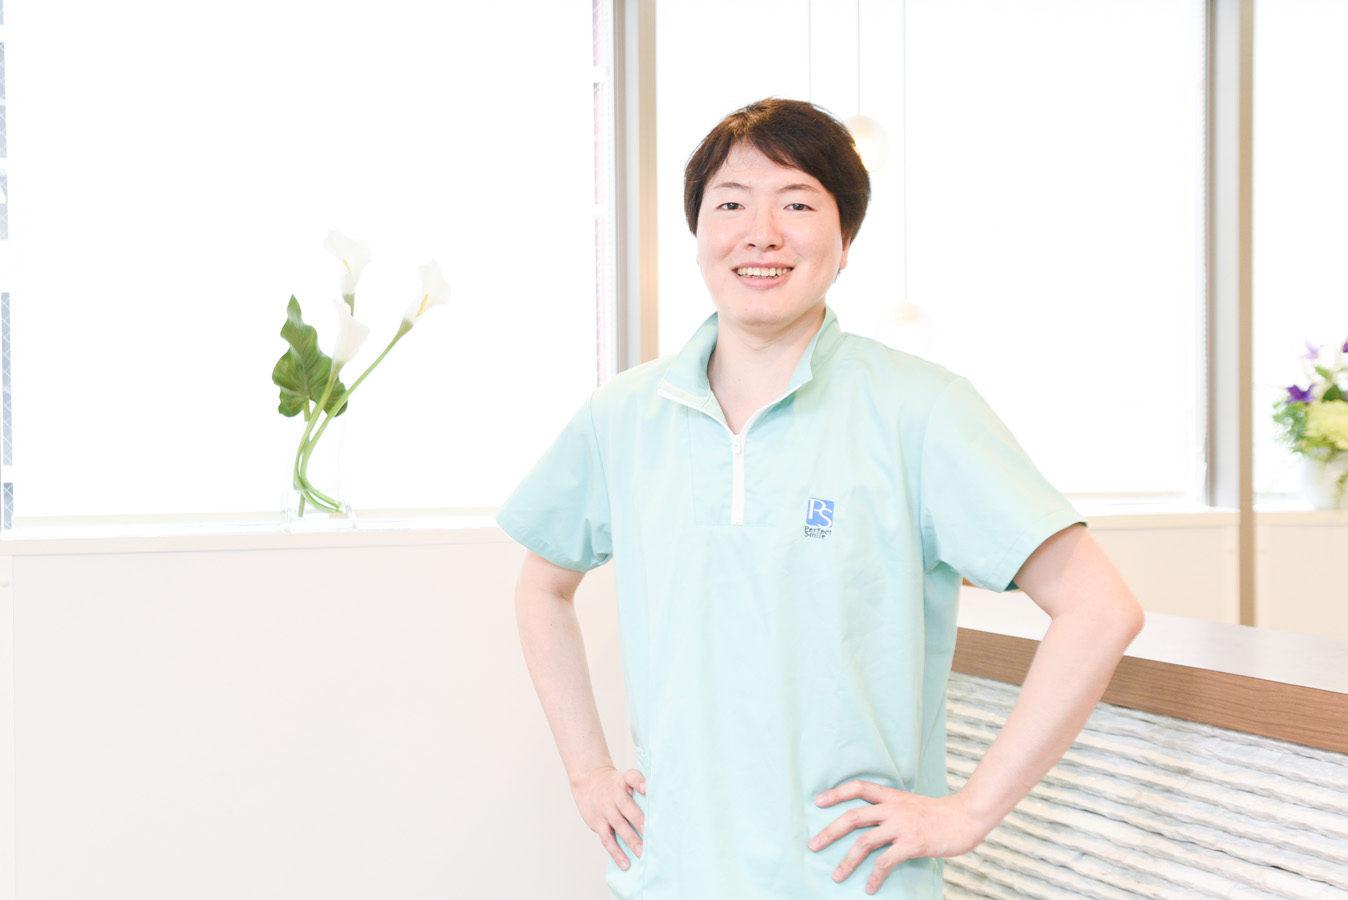 田中 健太